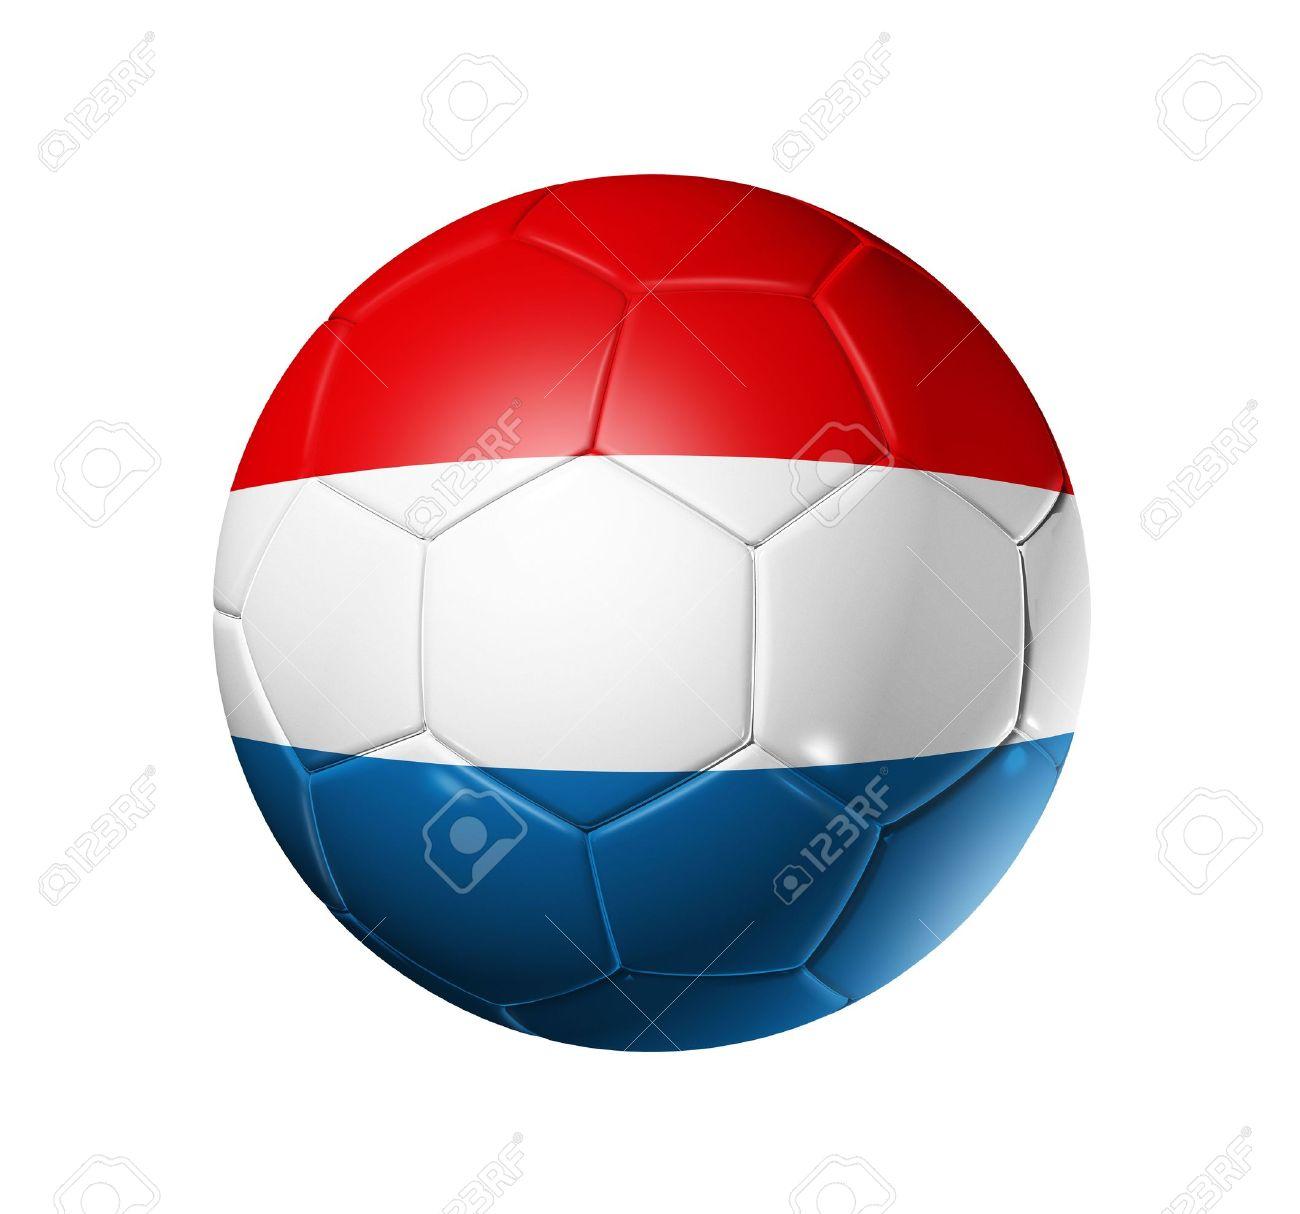 3d Fußball Ball Mit Niederlande Team Flag Fußball Wm 2010